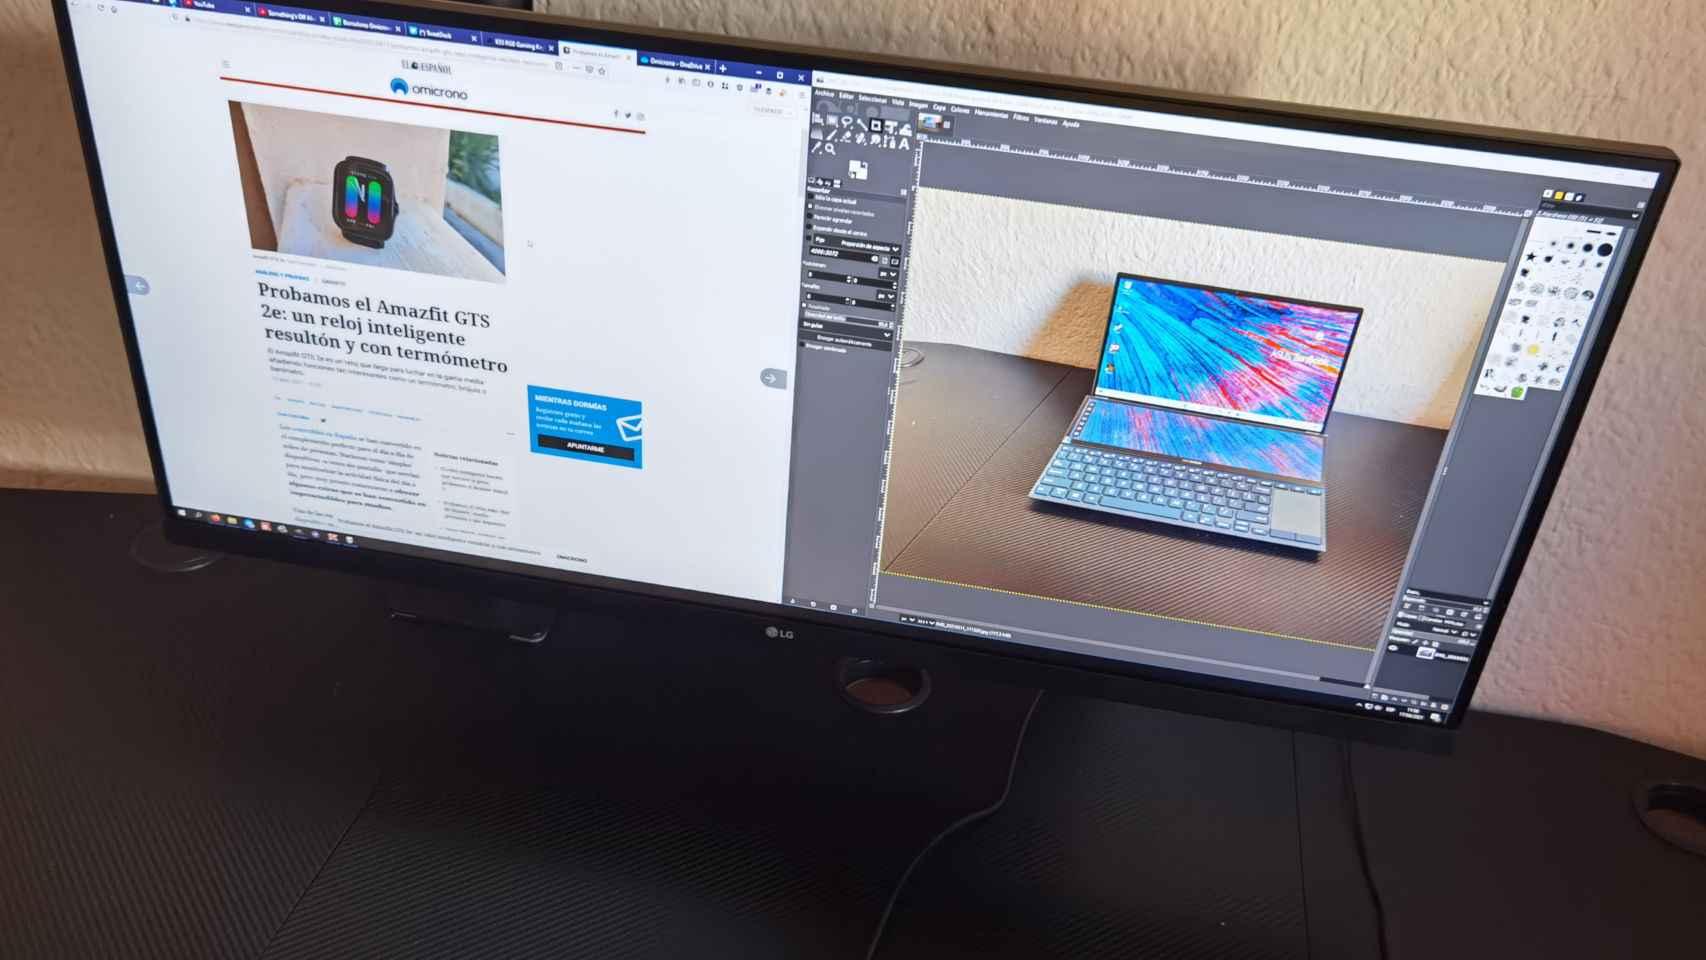 El LG Ergo 34WN780 es un monitor ultrapanorámico con una peana muy original